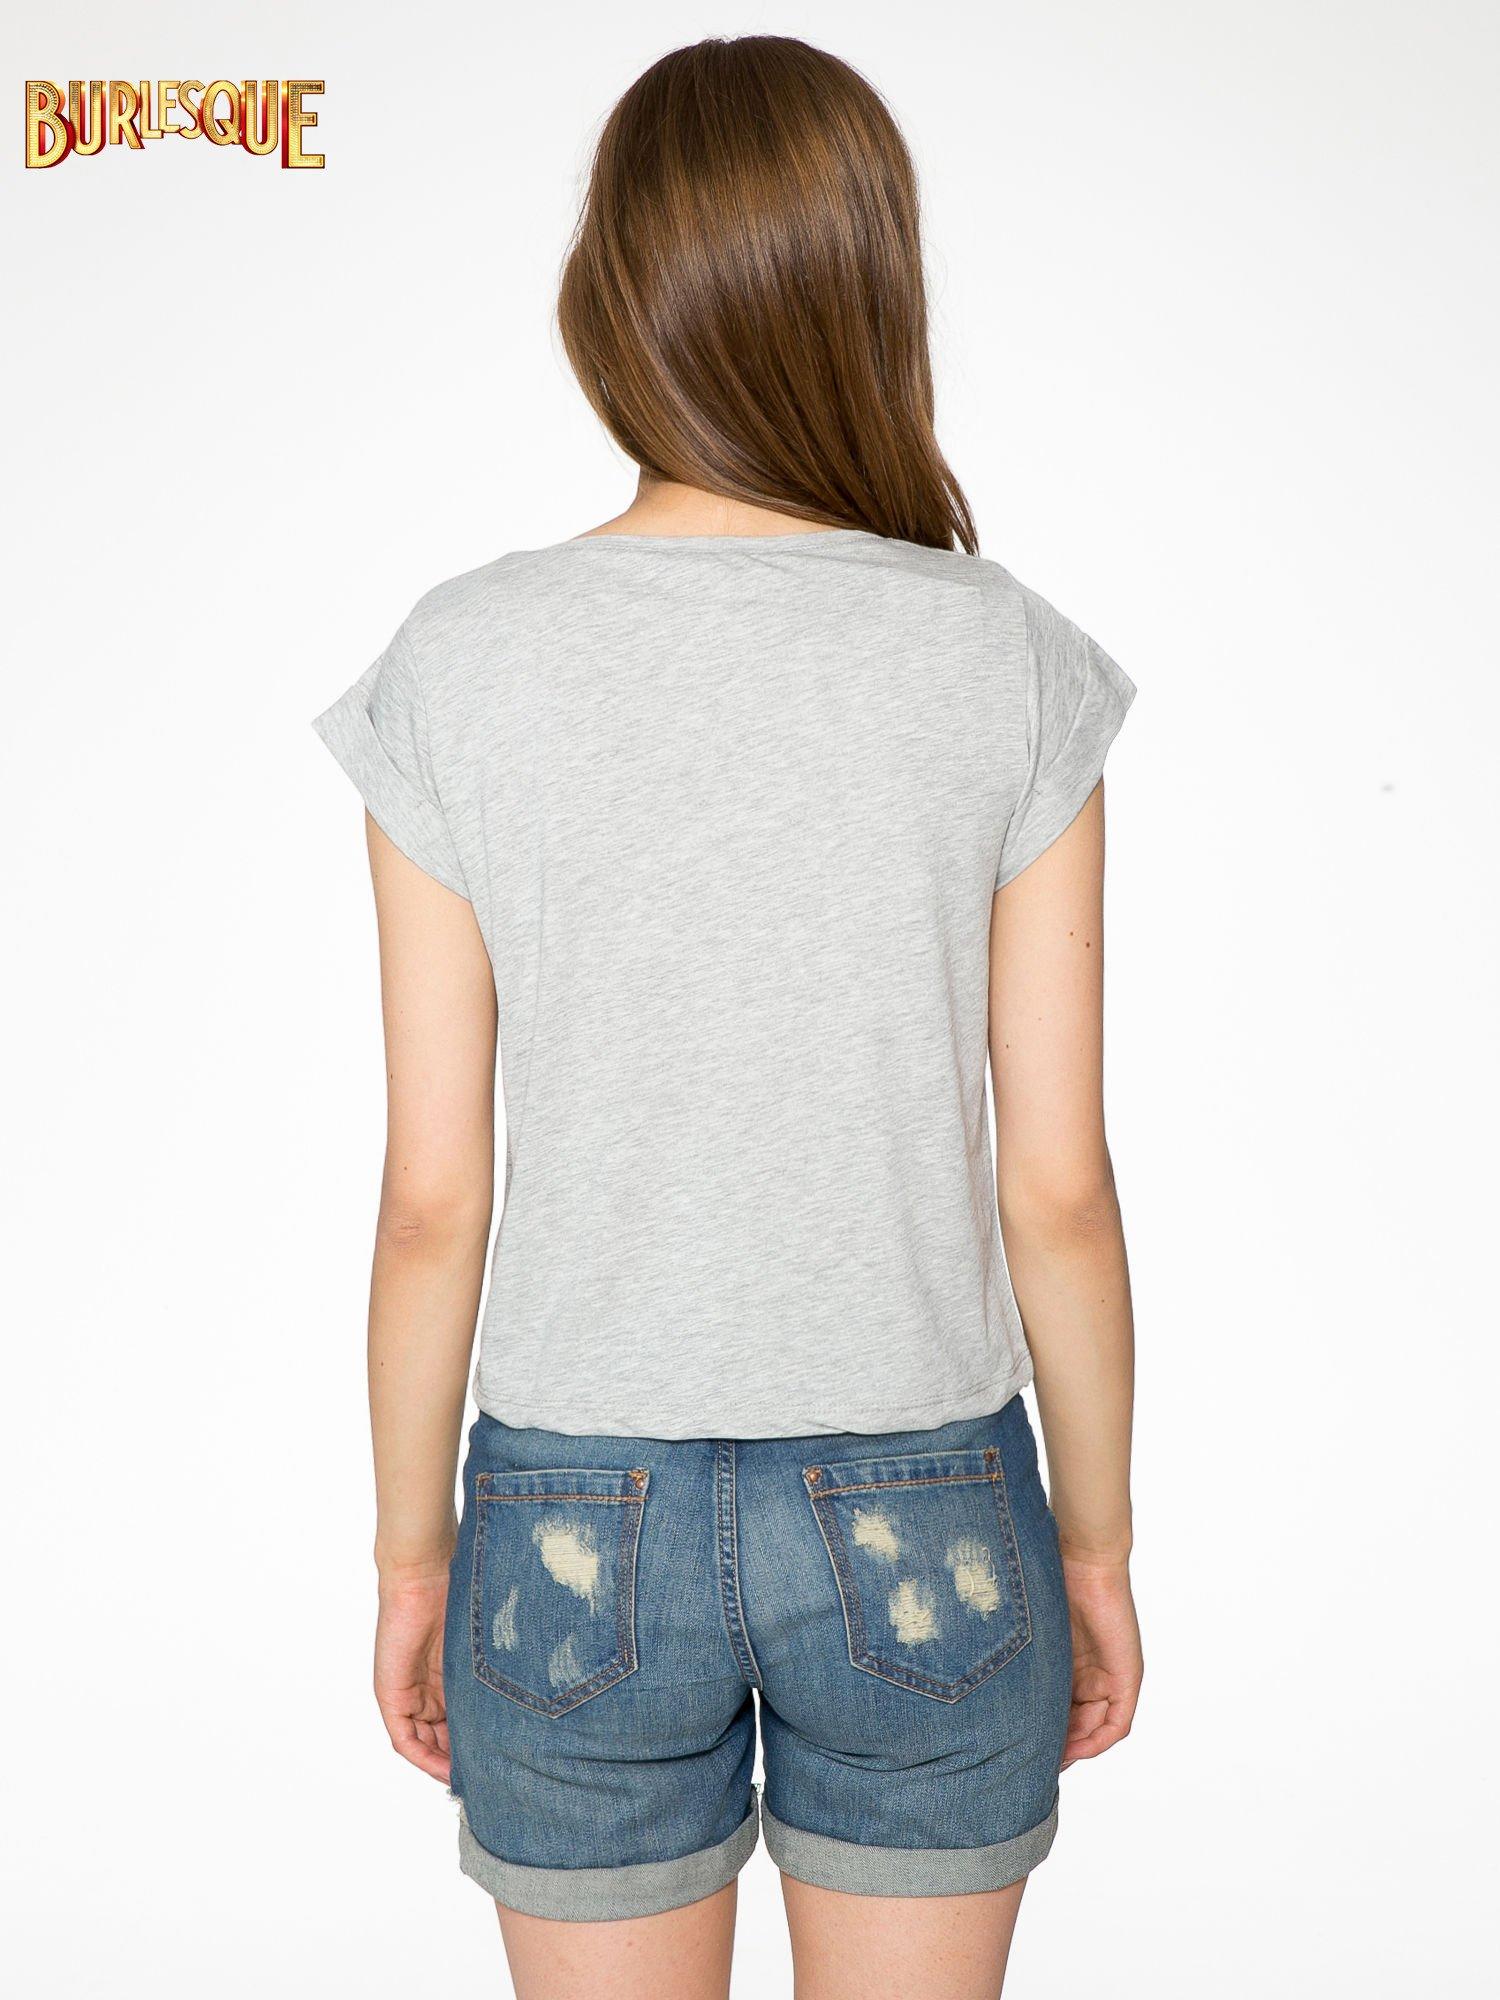 Szary krótki t-shirt z kwiatkami z cekinów                                  zdj.                                  4